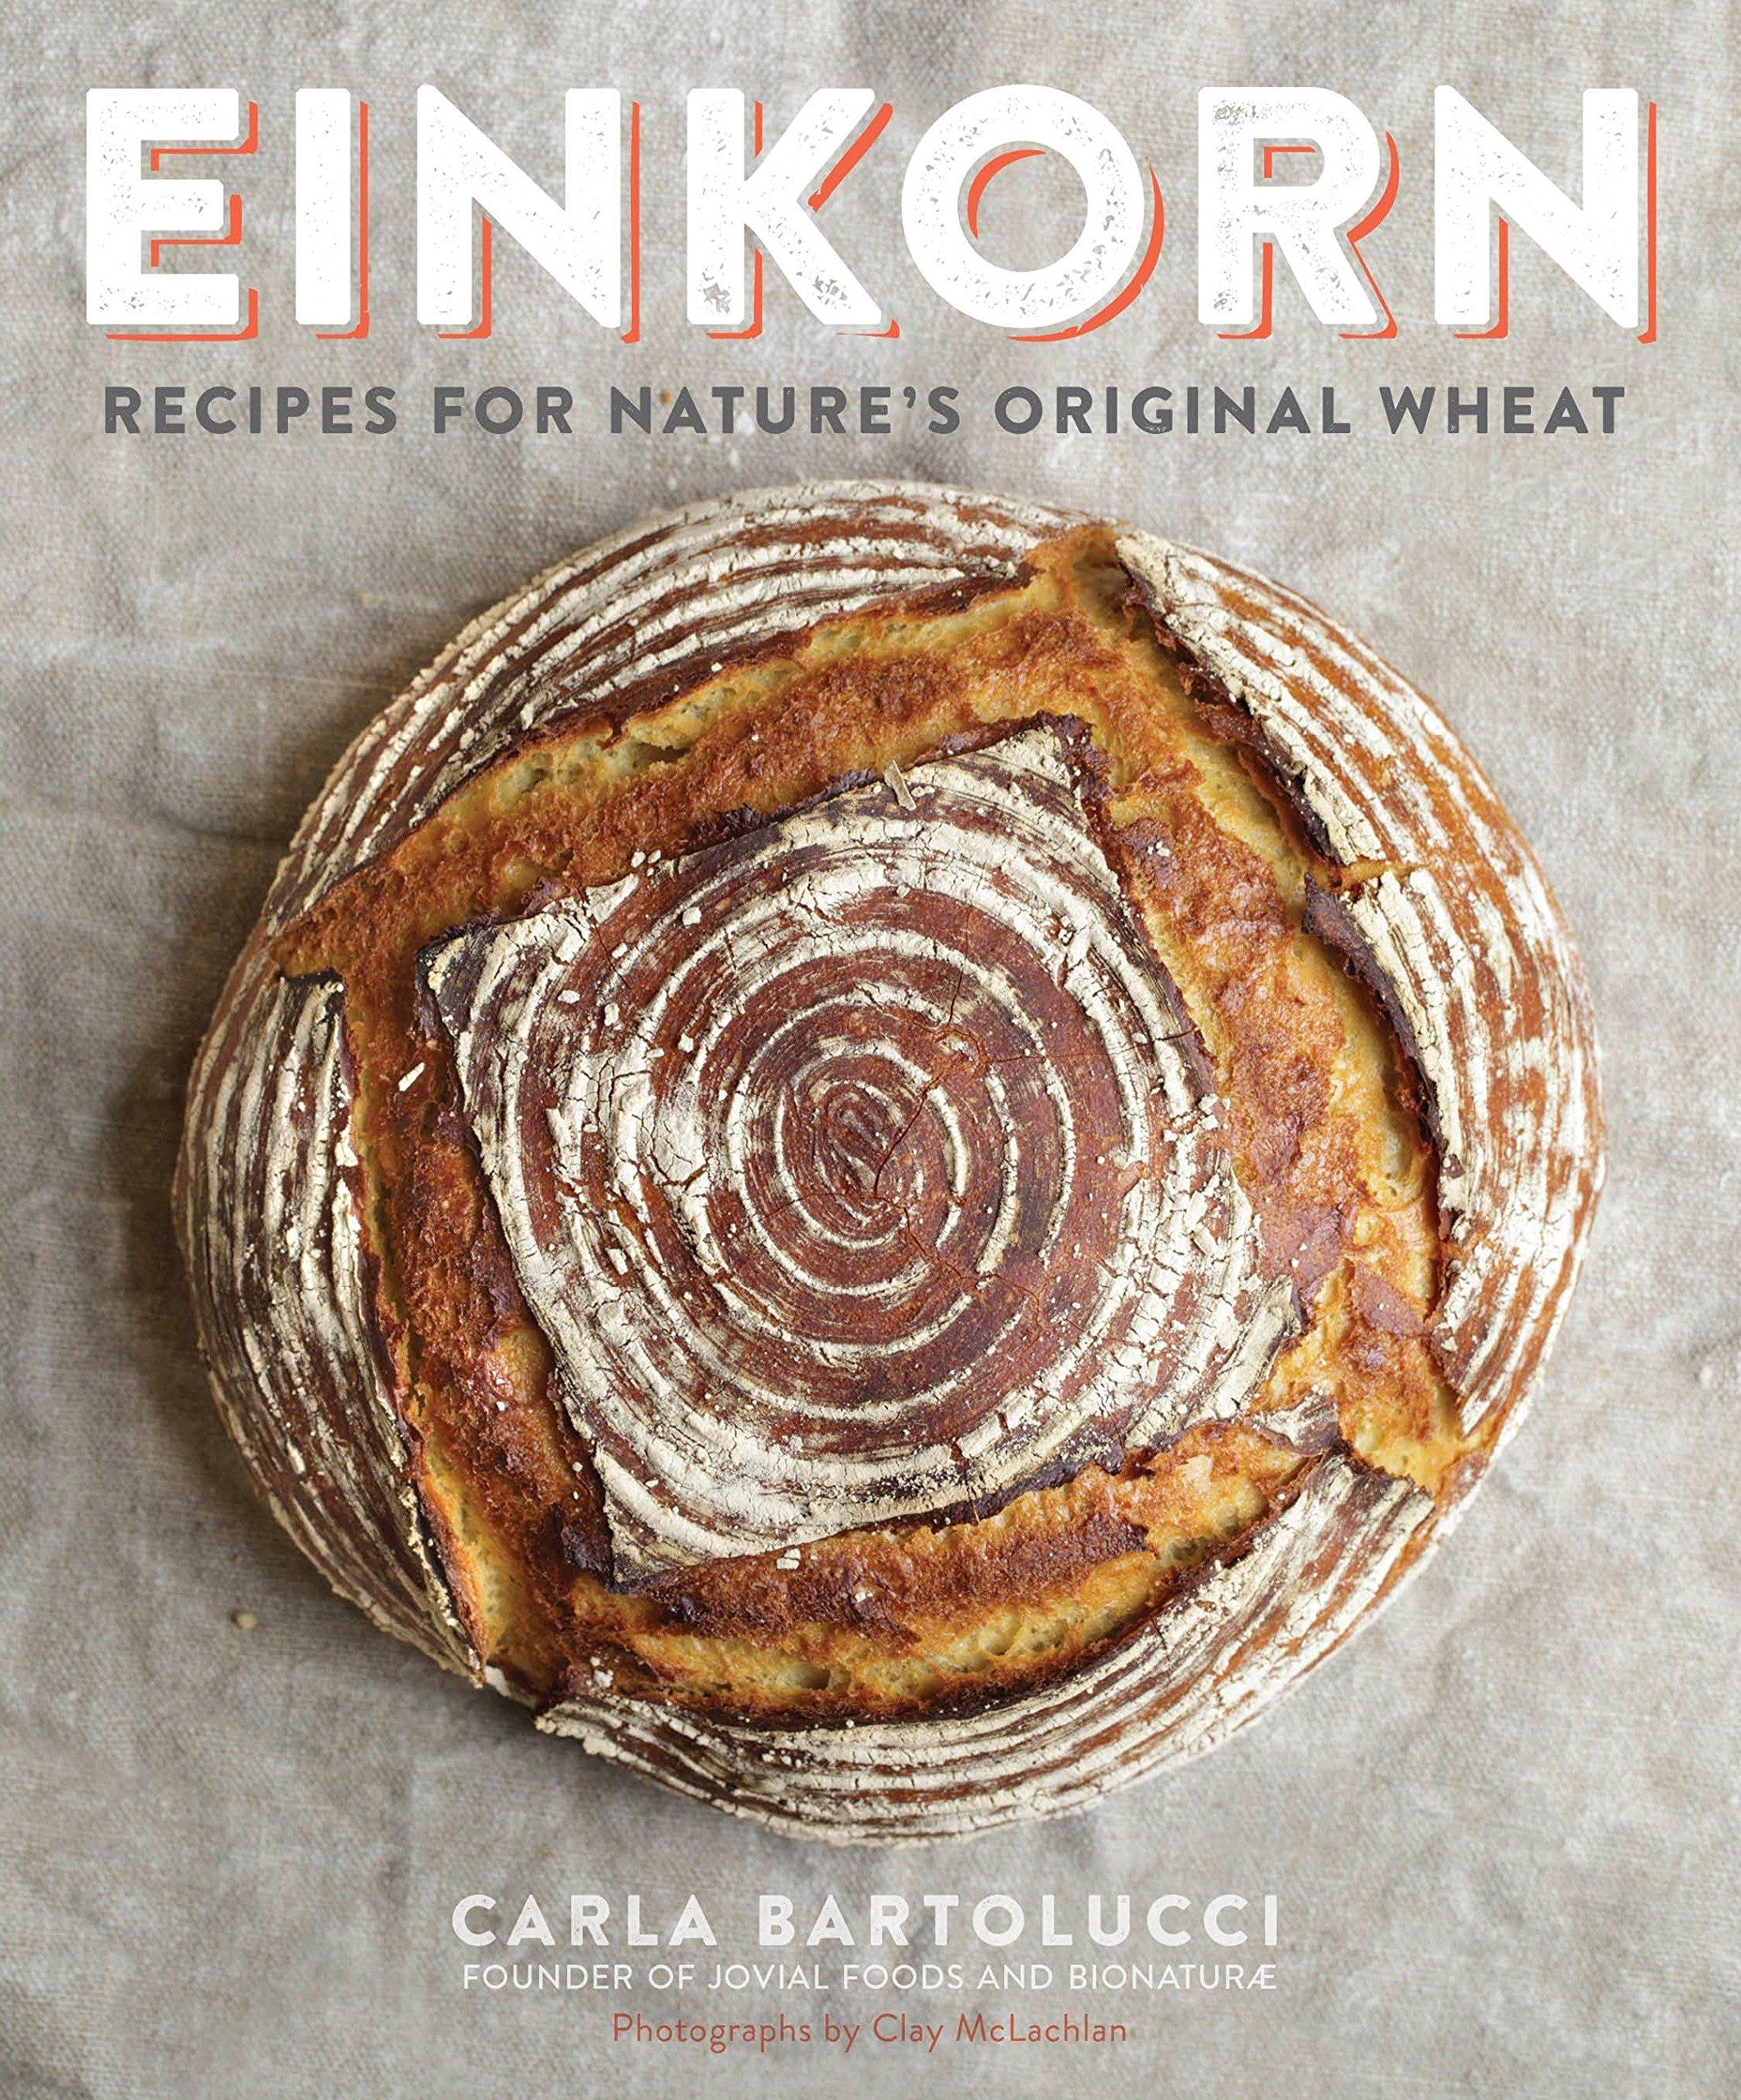 Einkorn: Recipes for Nature's Original Wheat: A Cookbook by Carla Bartolucci